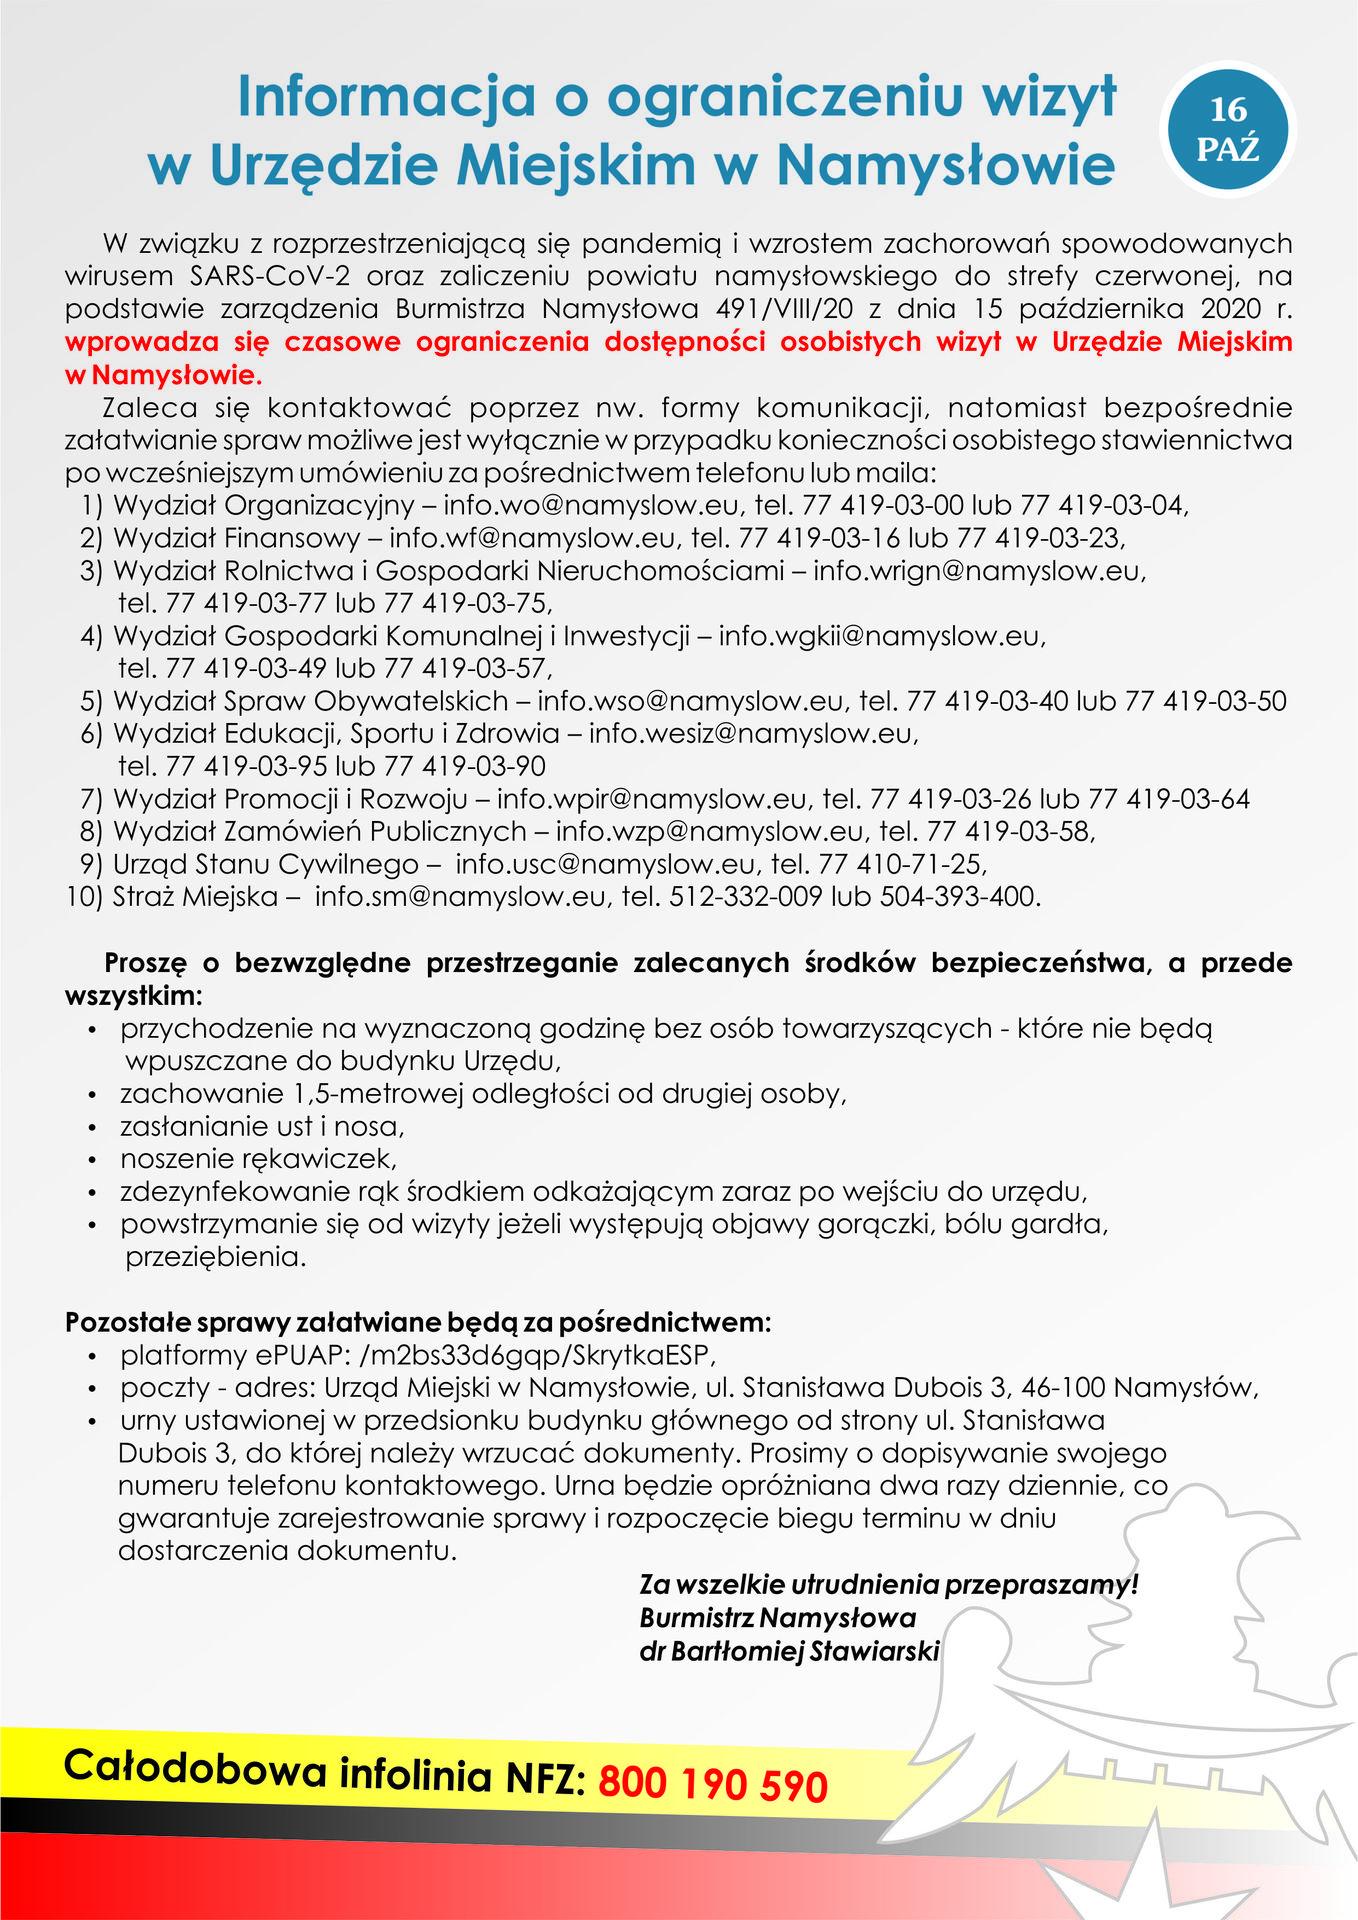 Informacja o ograniczeniu wizyt w Urzędzie Miejskim w Namysłowie (16-10-2020).jpeg